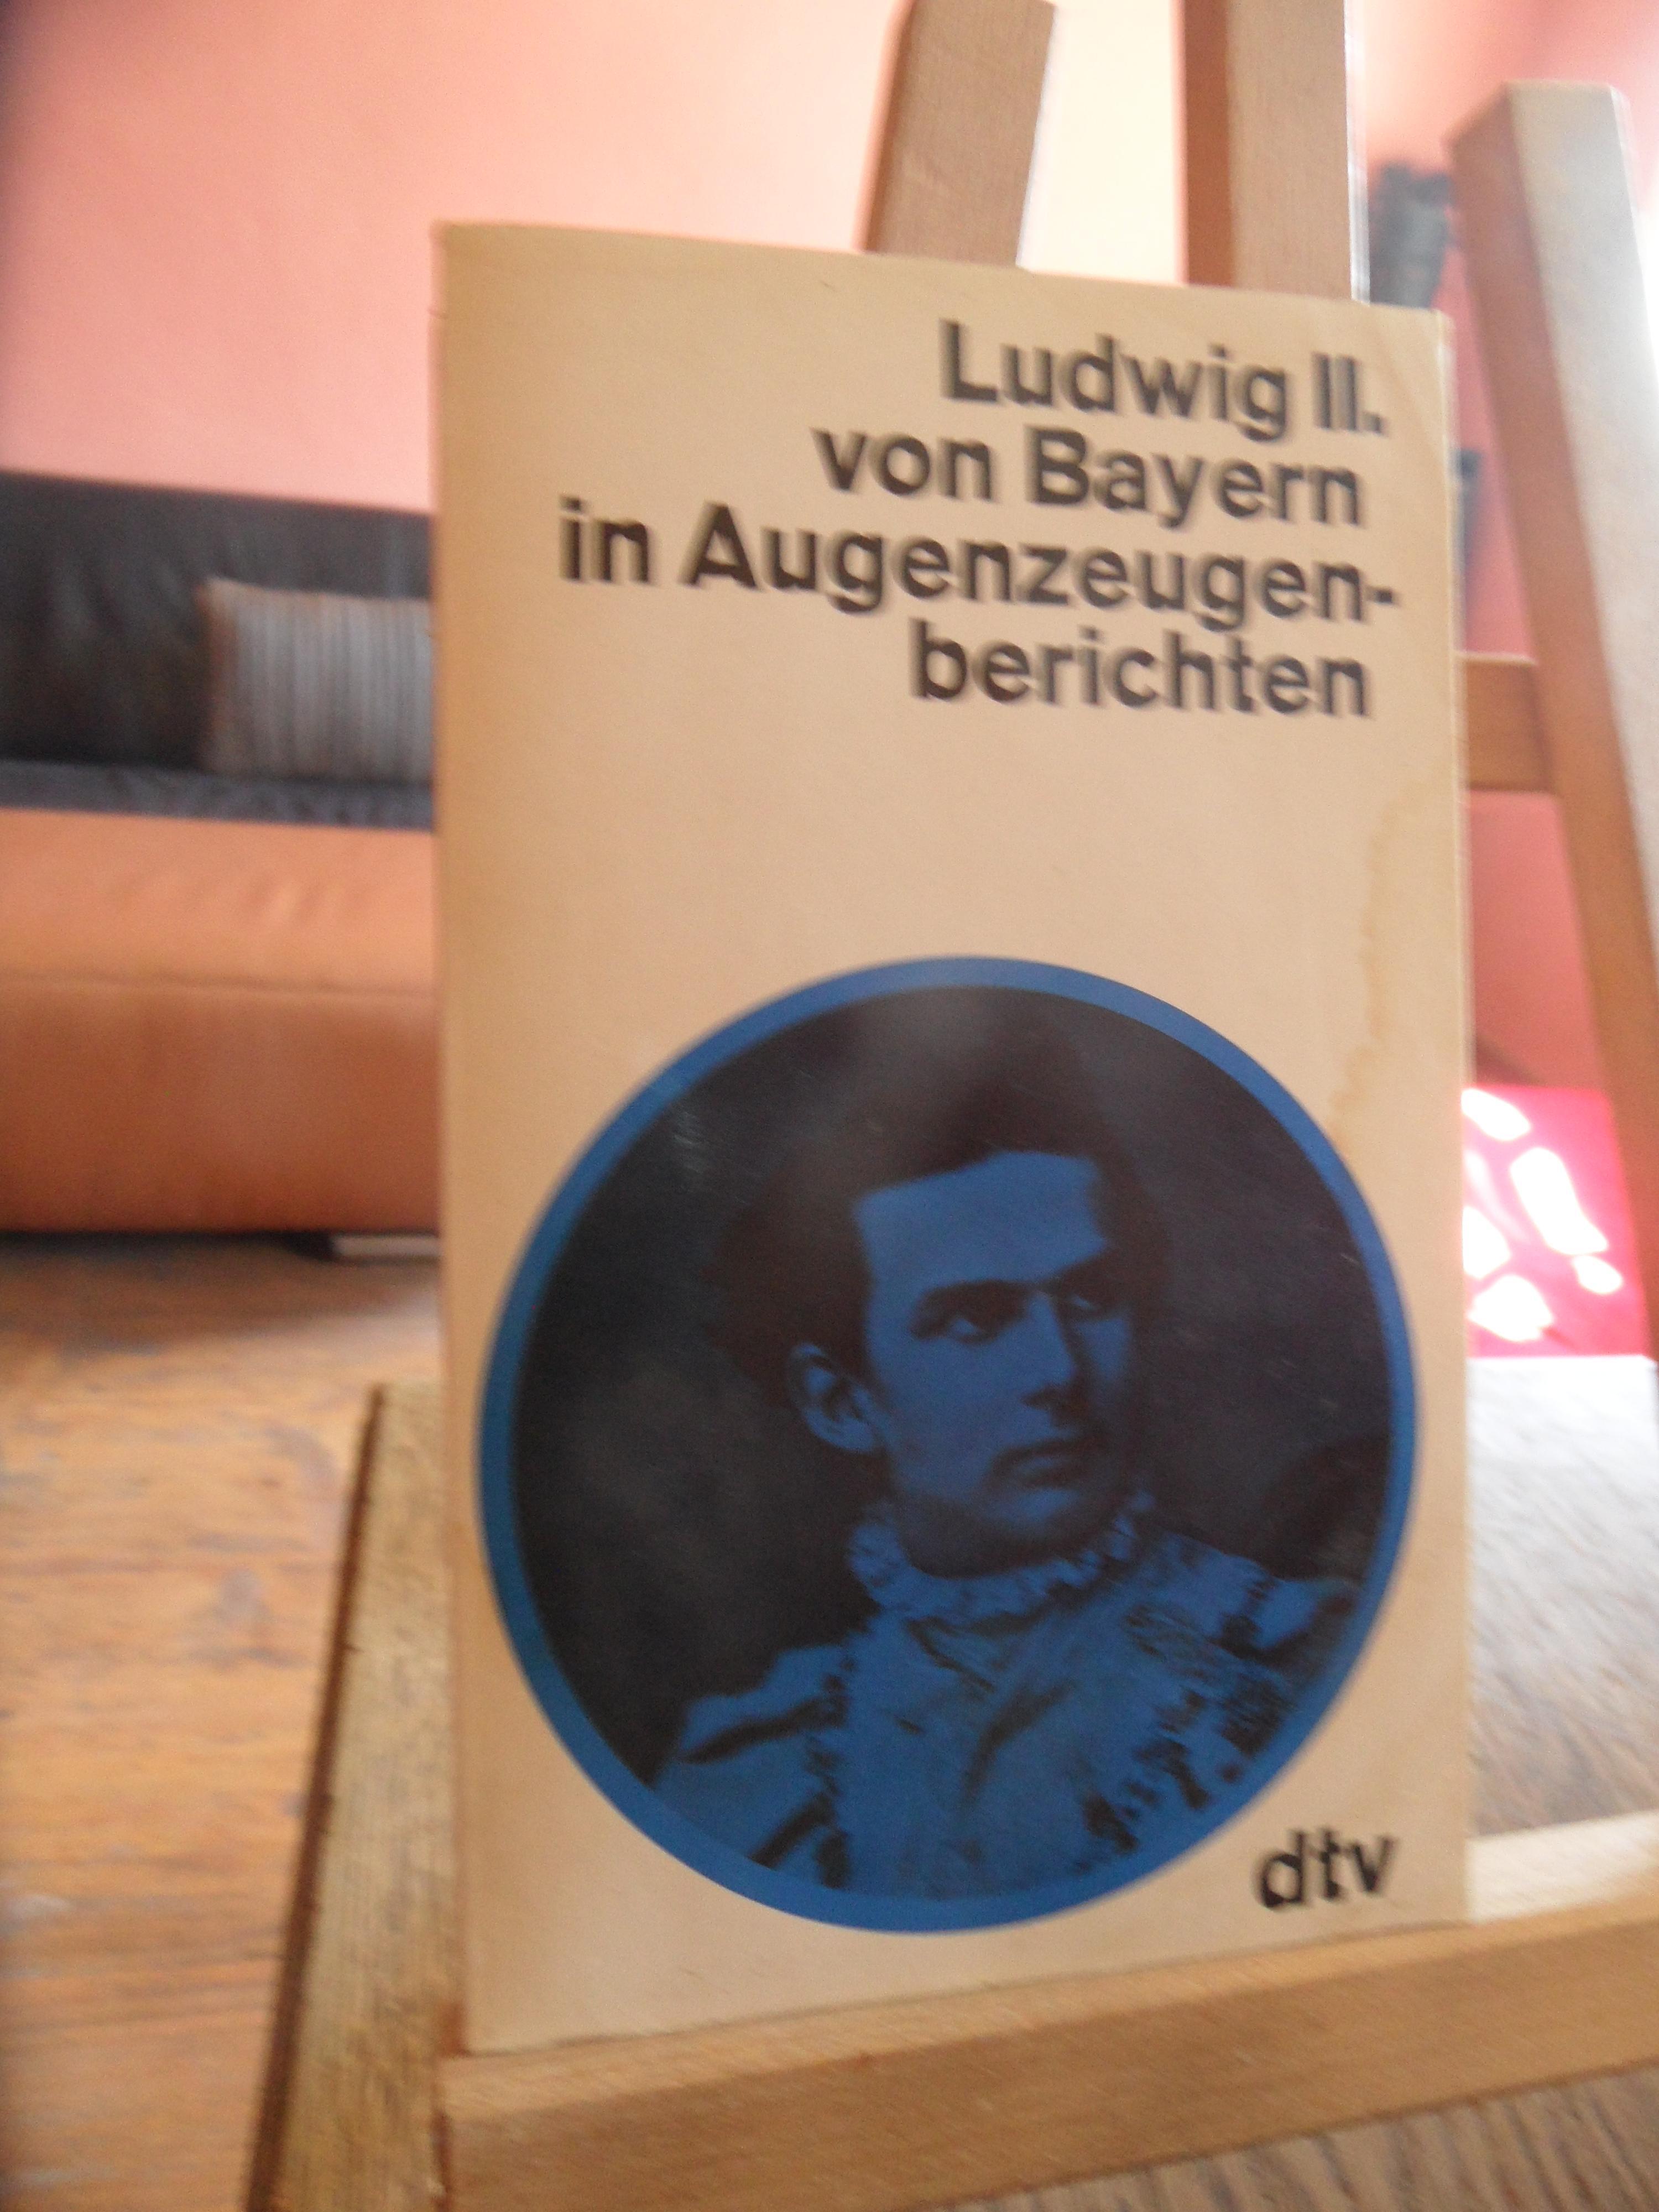 Ludwig II. von Bayern in Augenzeugenberichten.: Hacker, Rupert (Hrsg.):